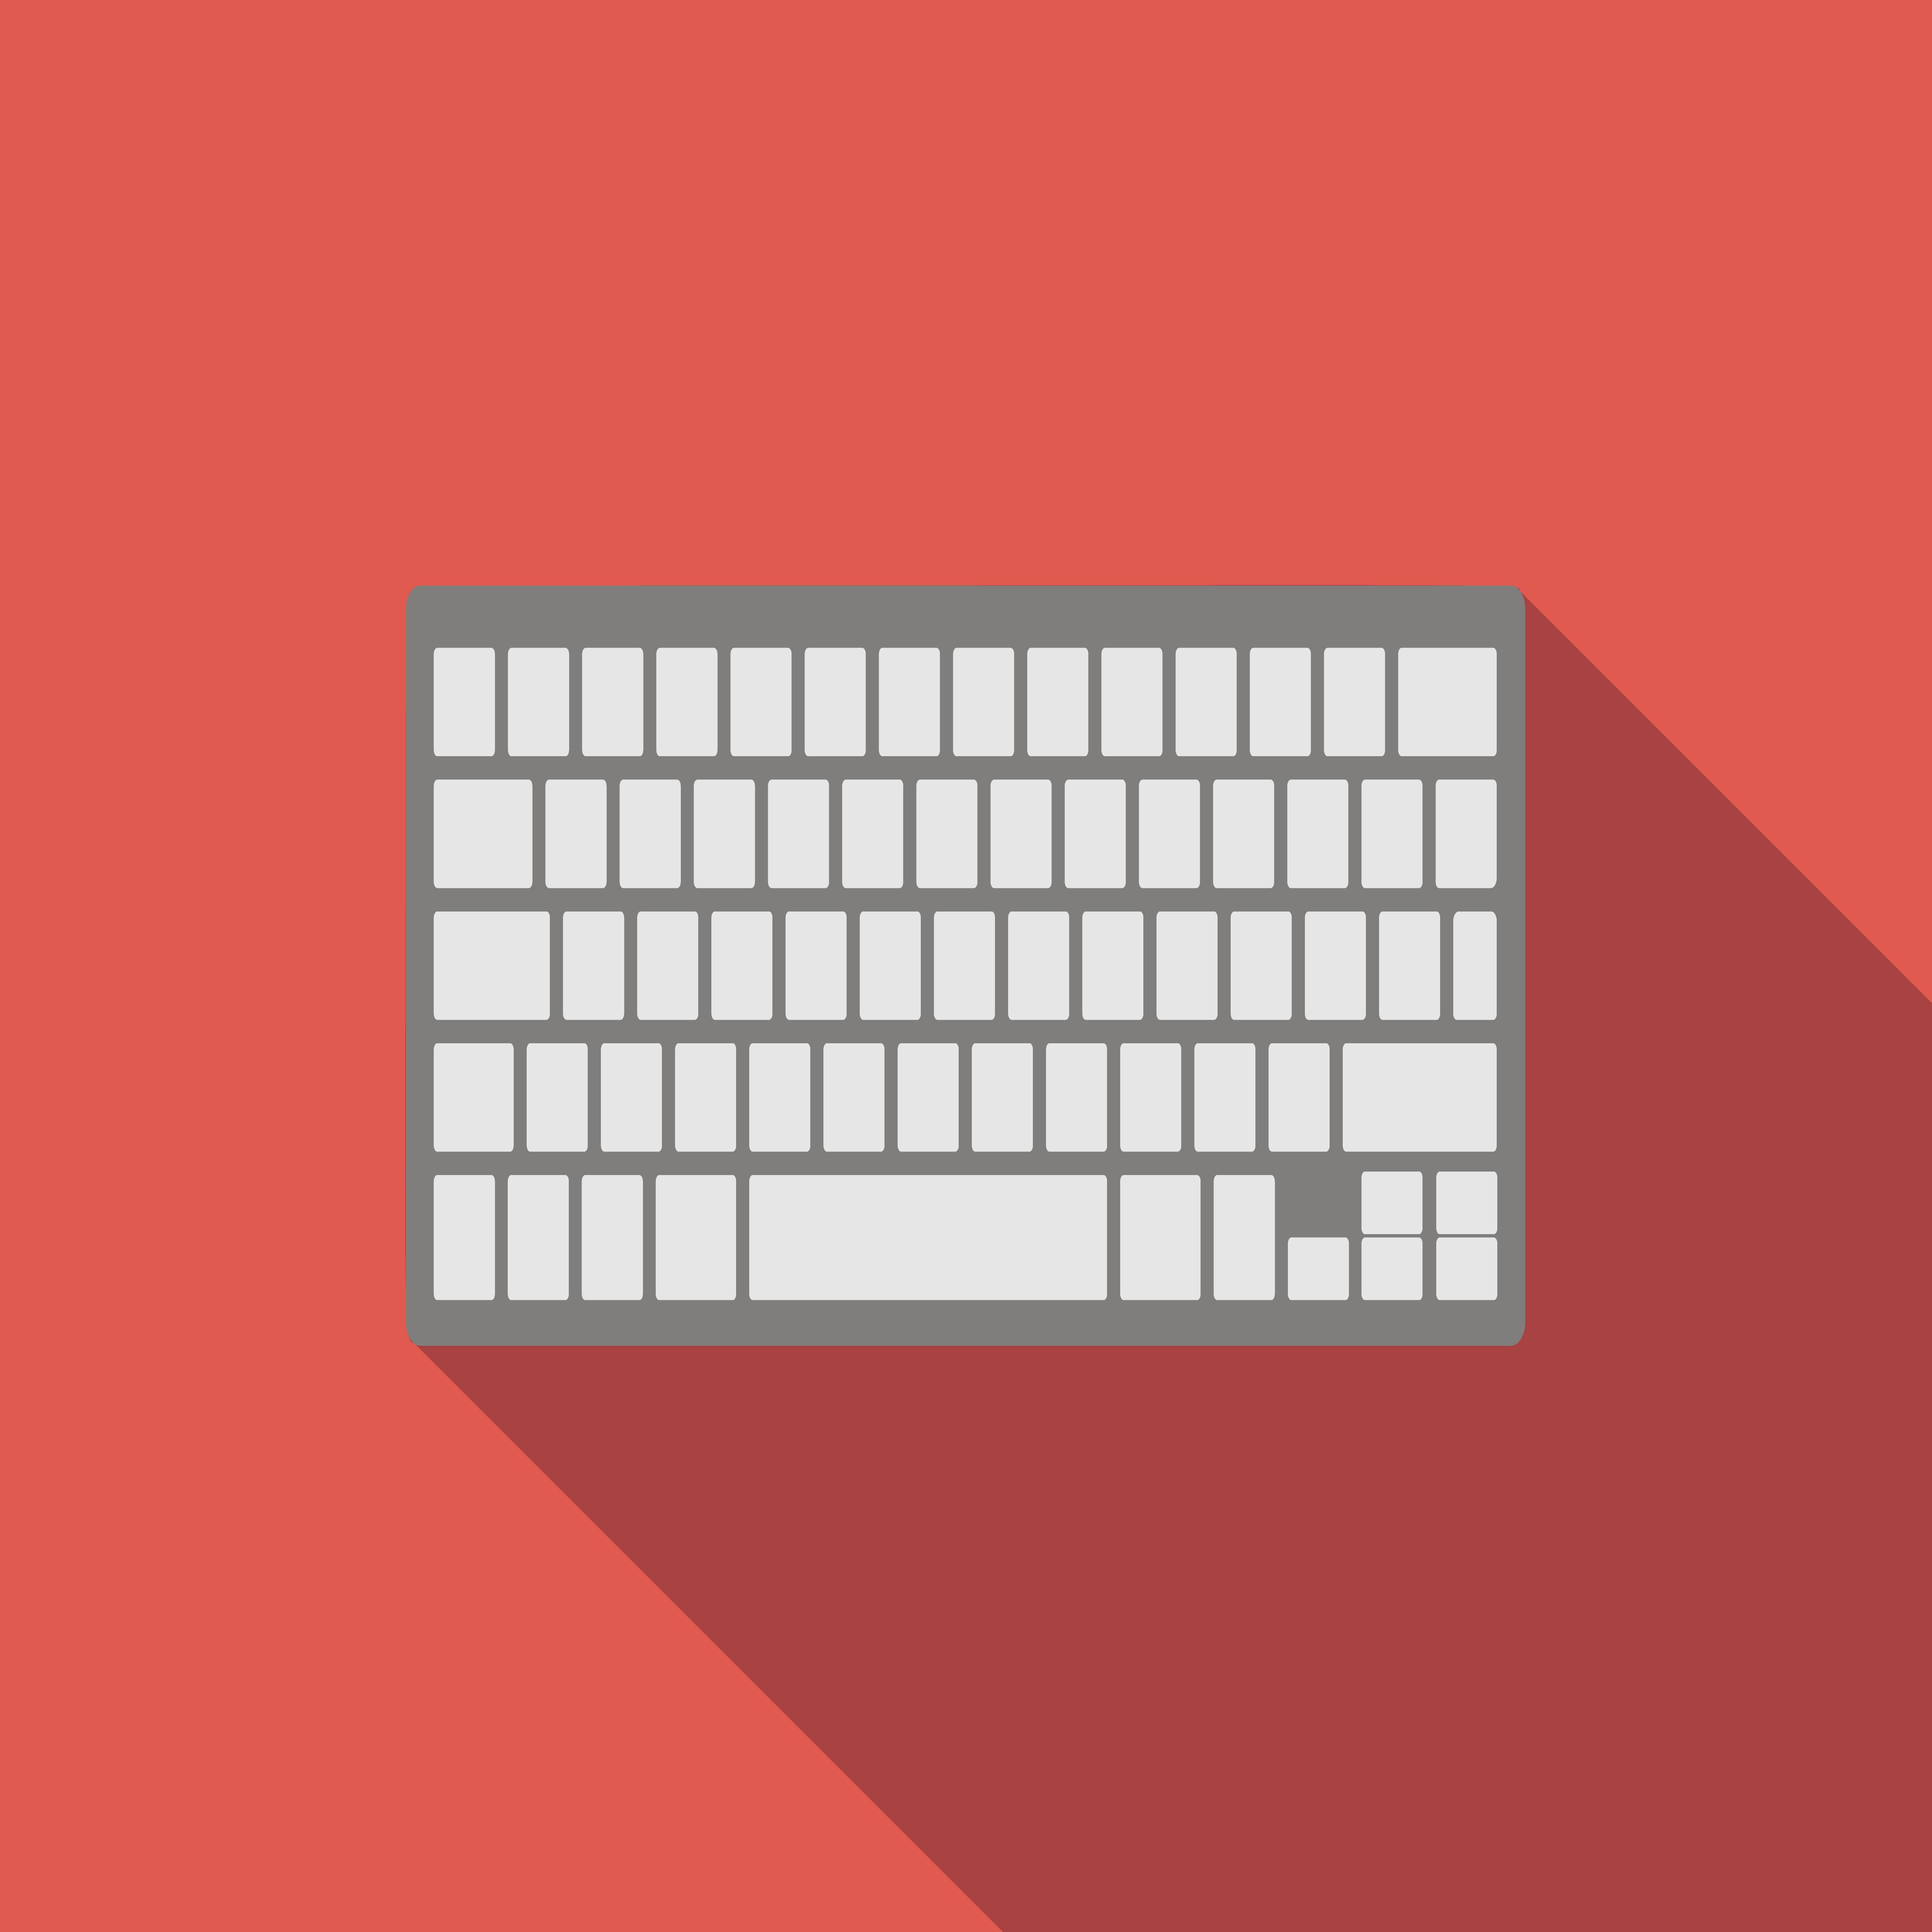 shutterstock-keyboard